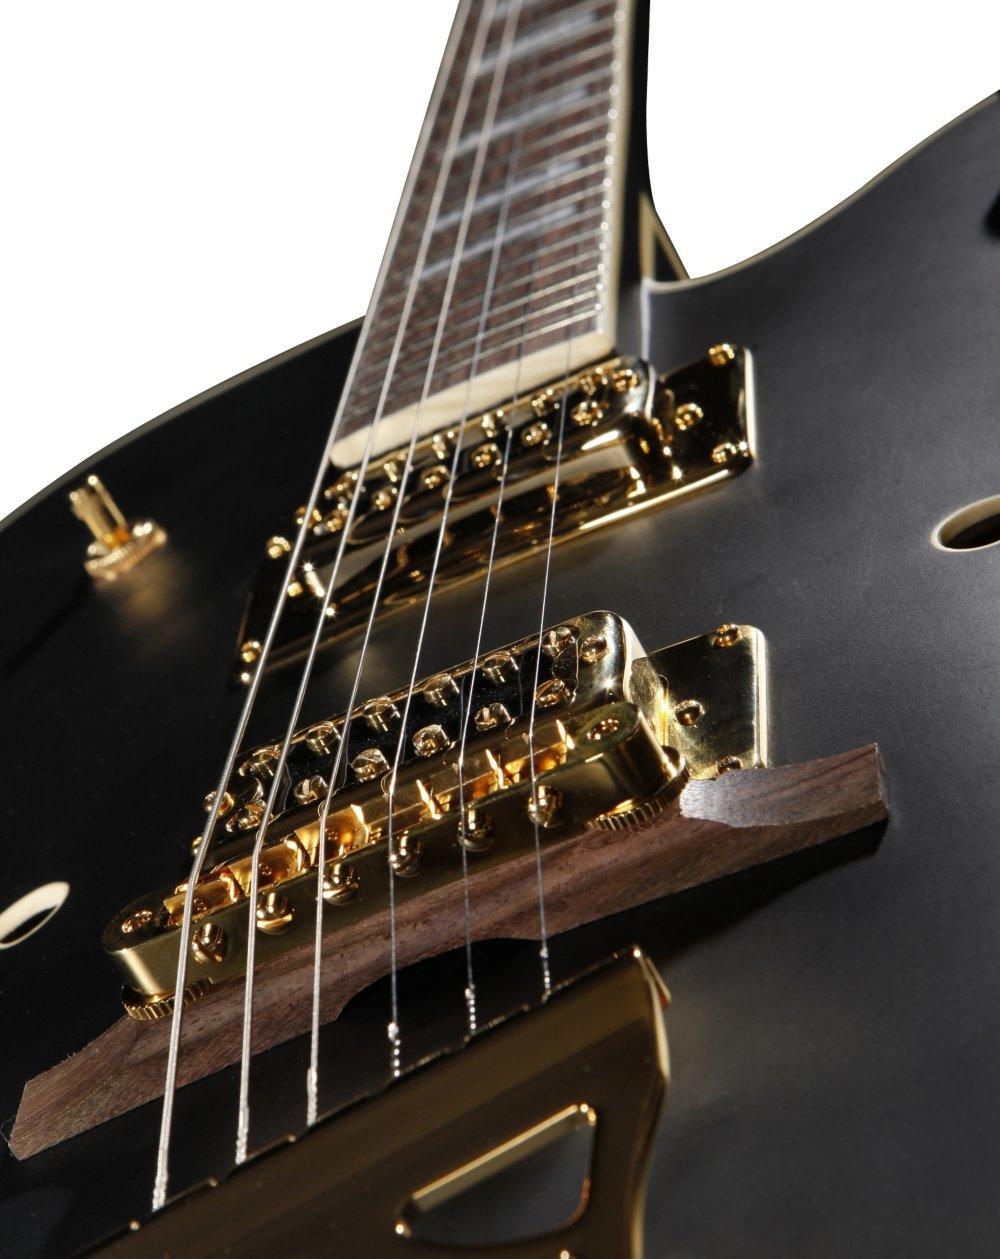 Gretsch G5191BK Tim Armstrong Guitarra Eléctrica: Amazon.es: Instrumentos musicales